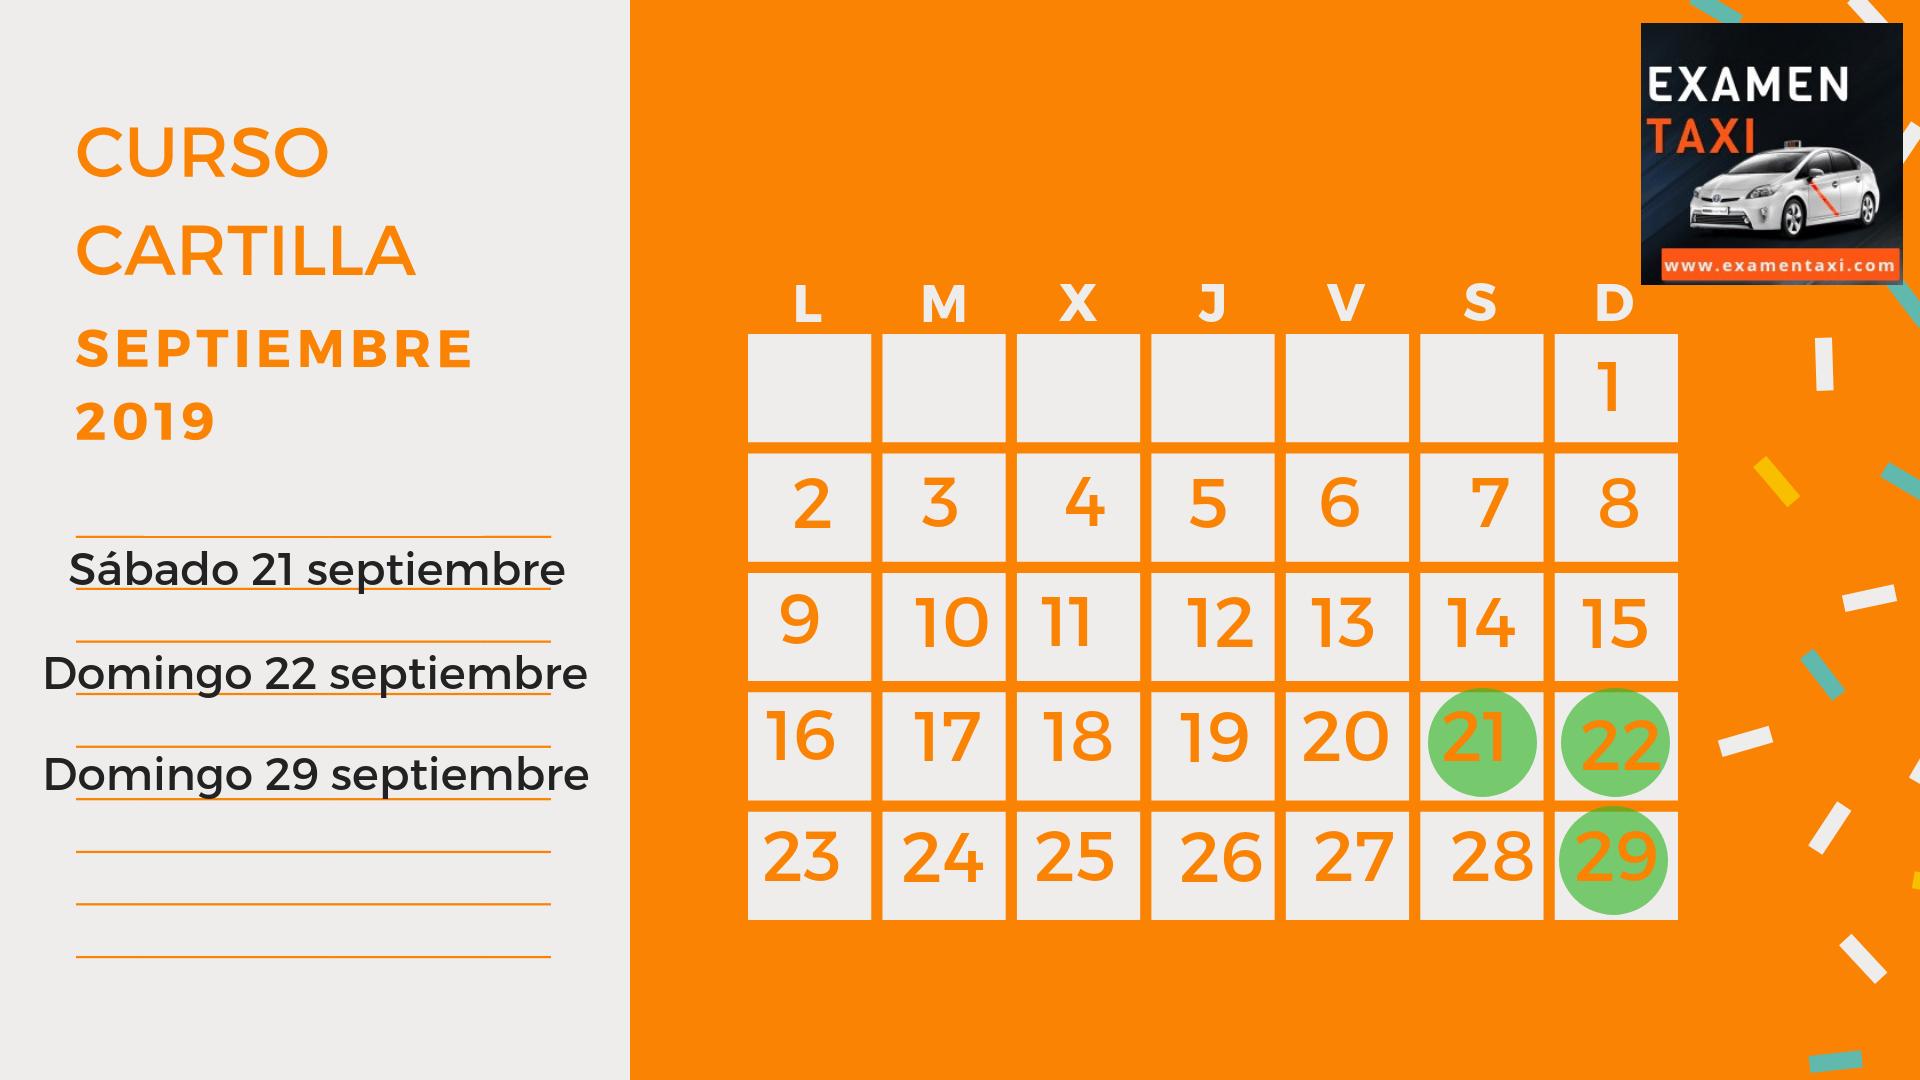 Calendario Curso Cartilla Septiembre 2019